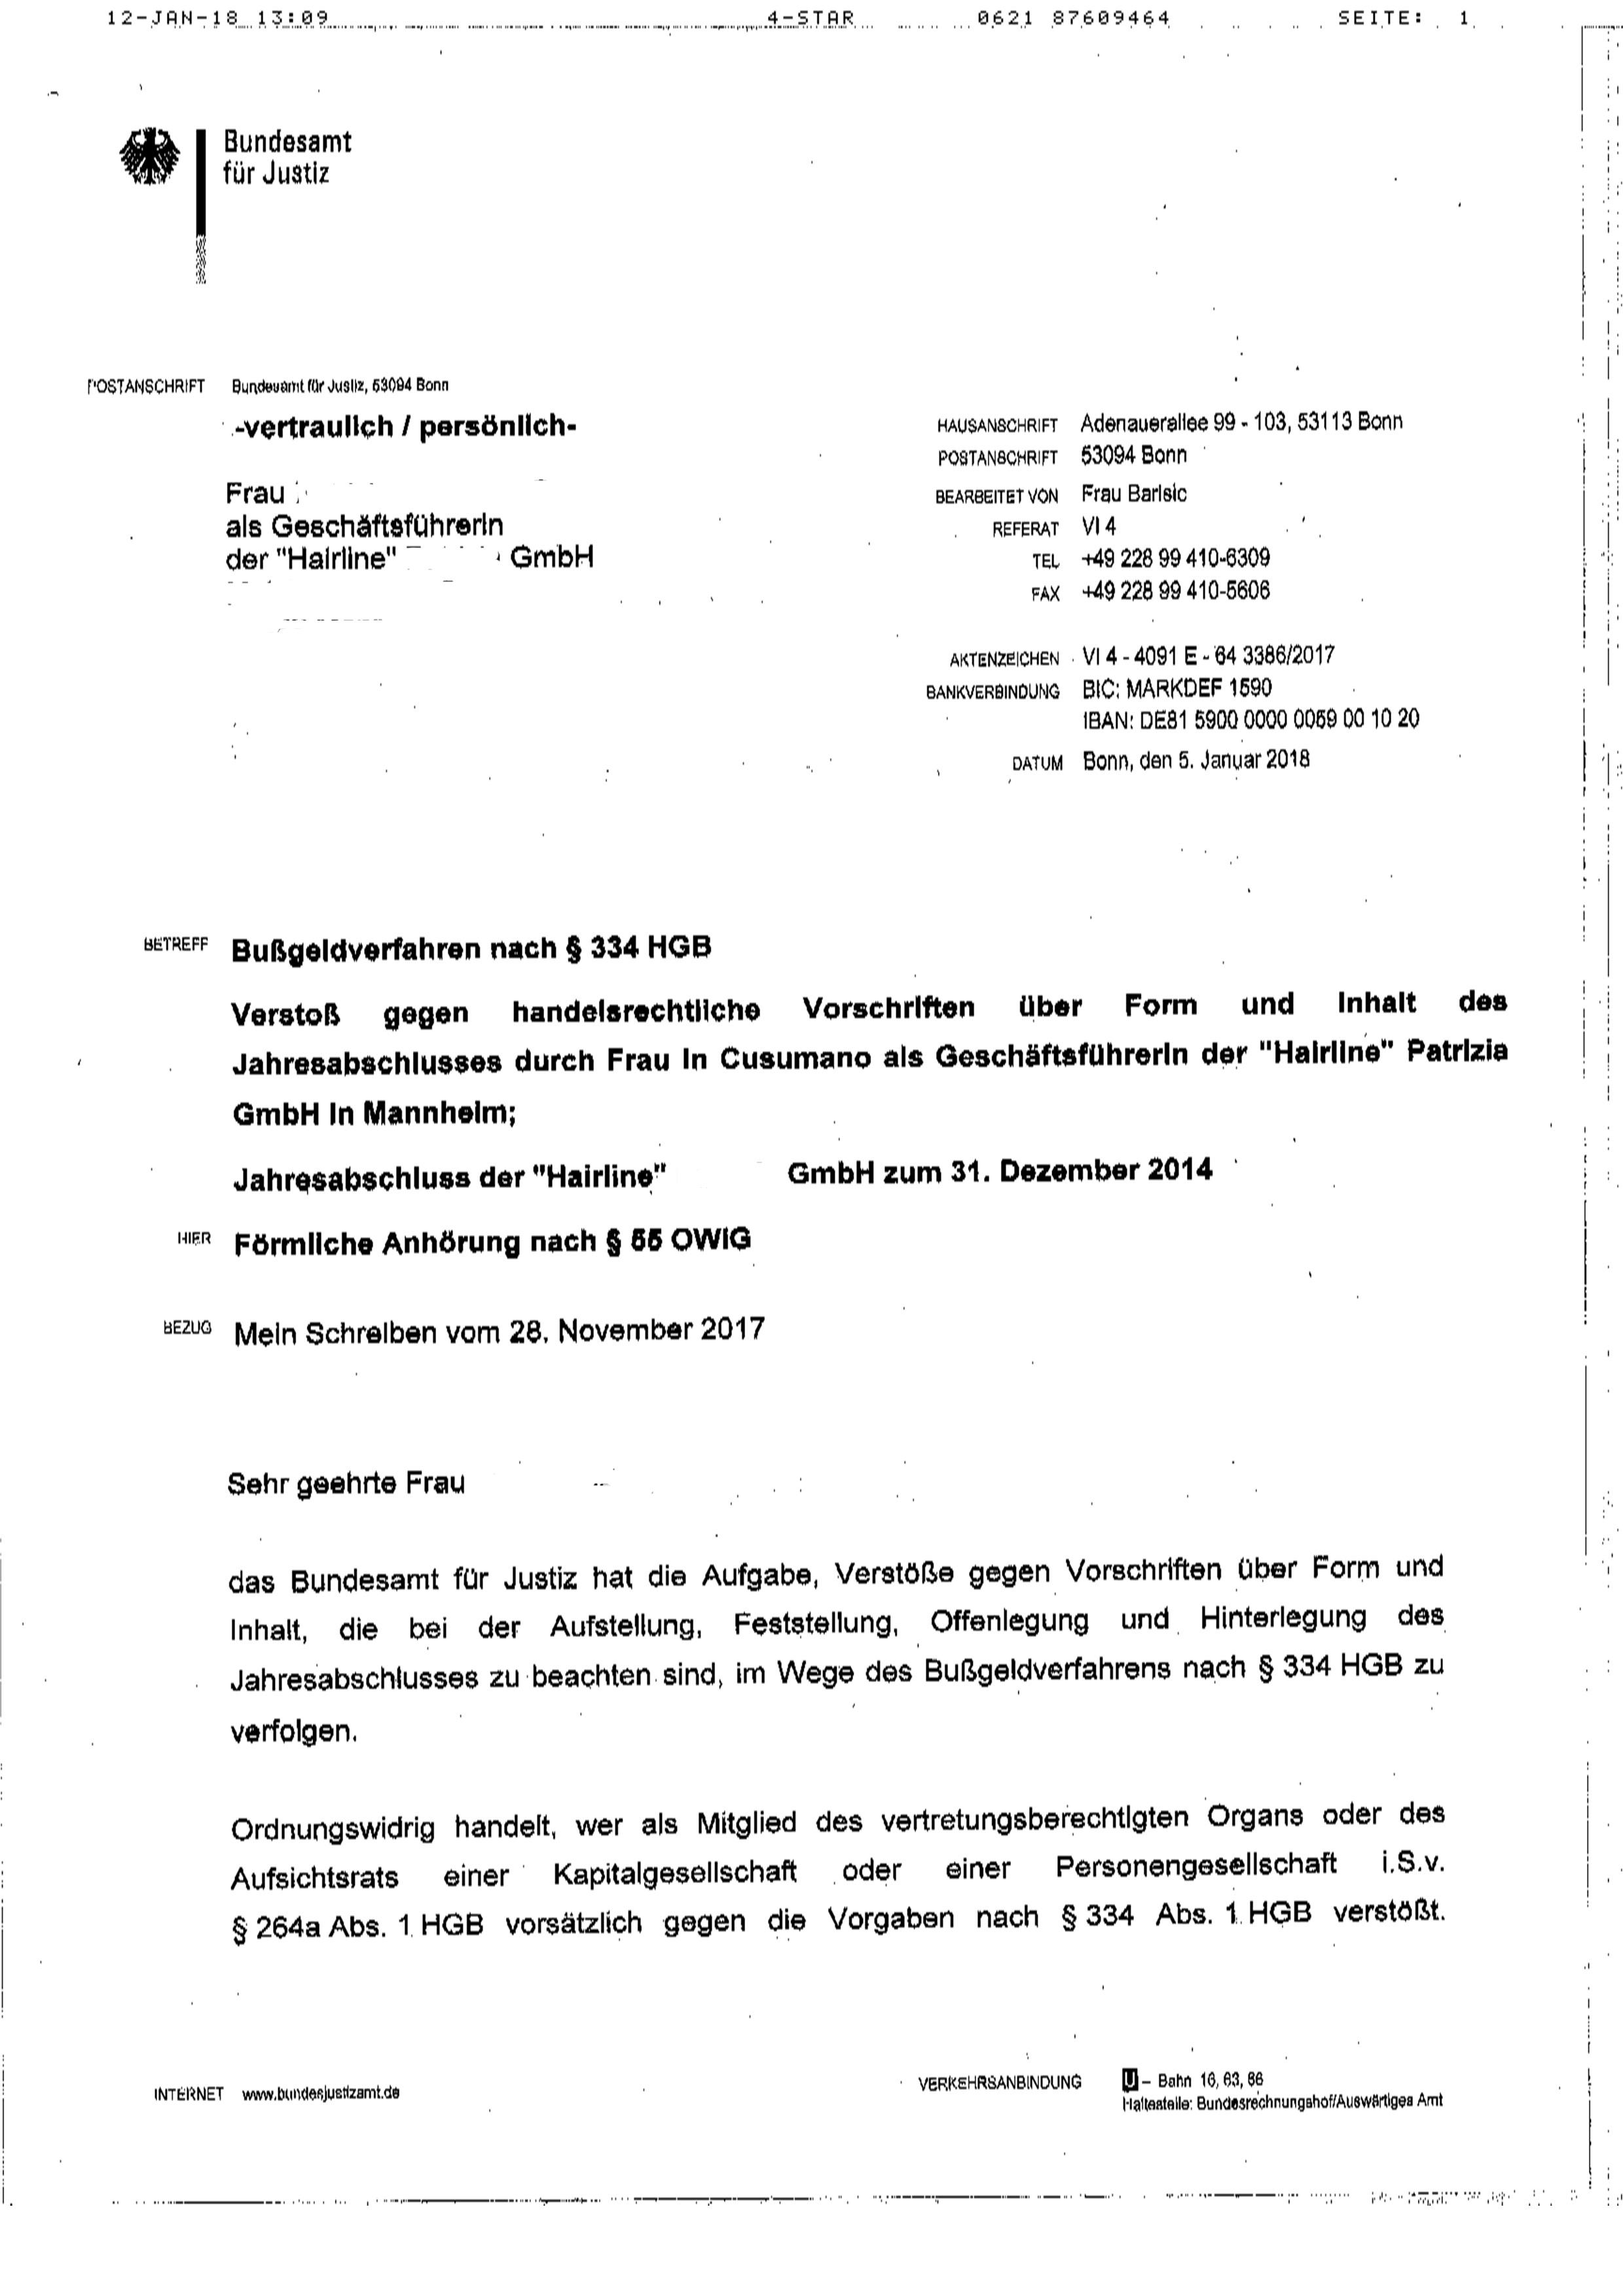 2018-01-05 - Schreiben Bundesamt wg. Strafeinleitung-page1